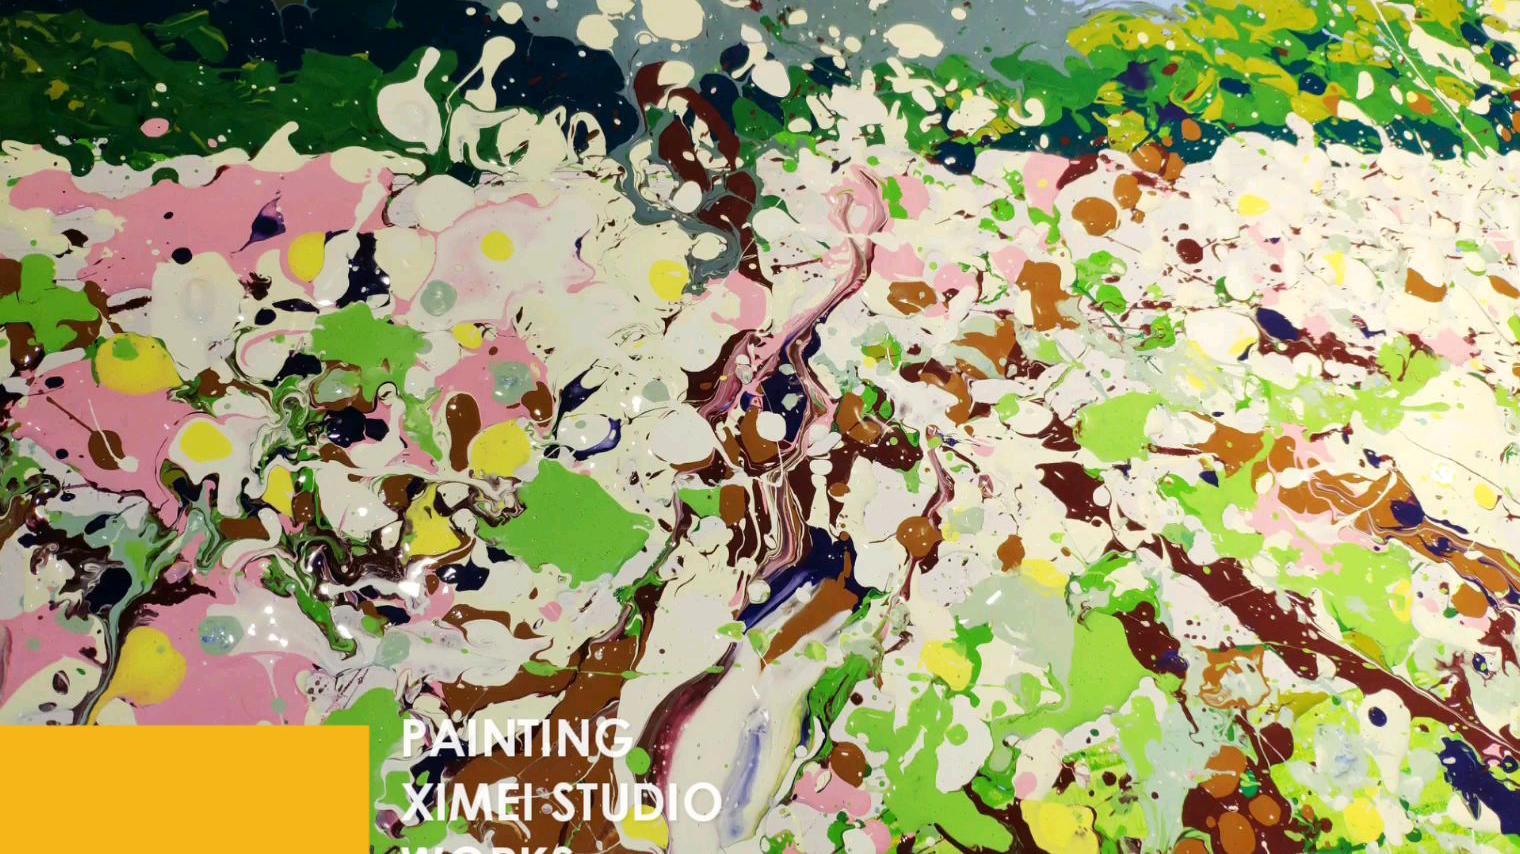 【油画】梨花之国抽象风景创作